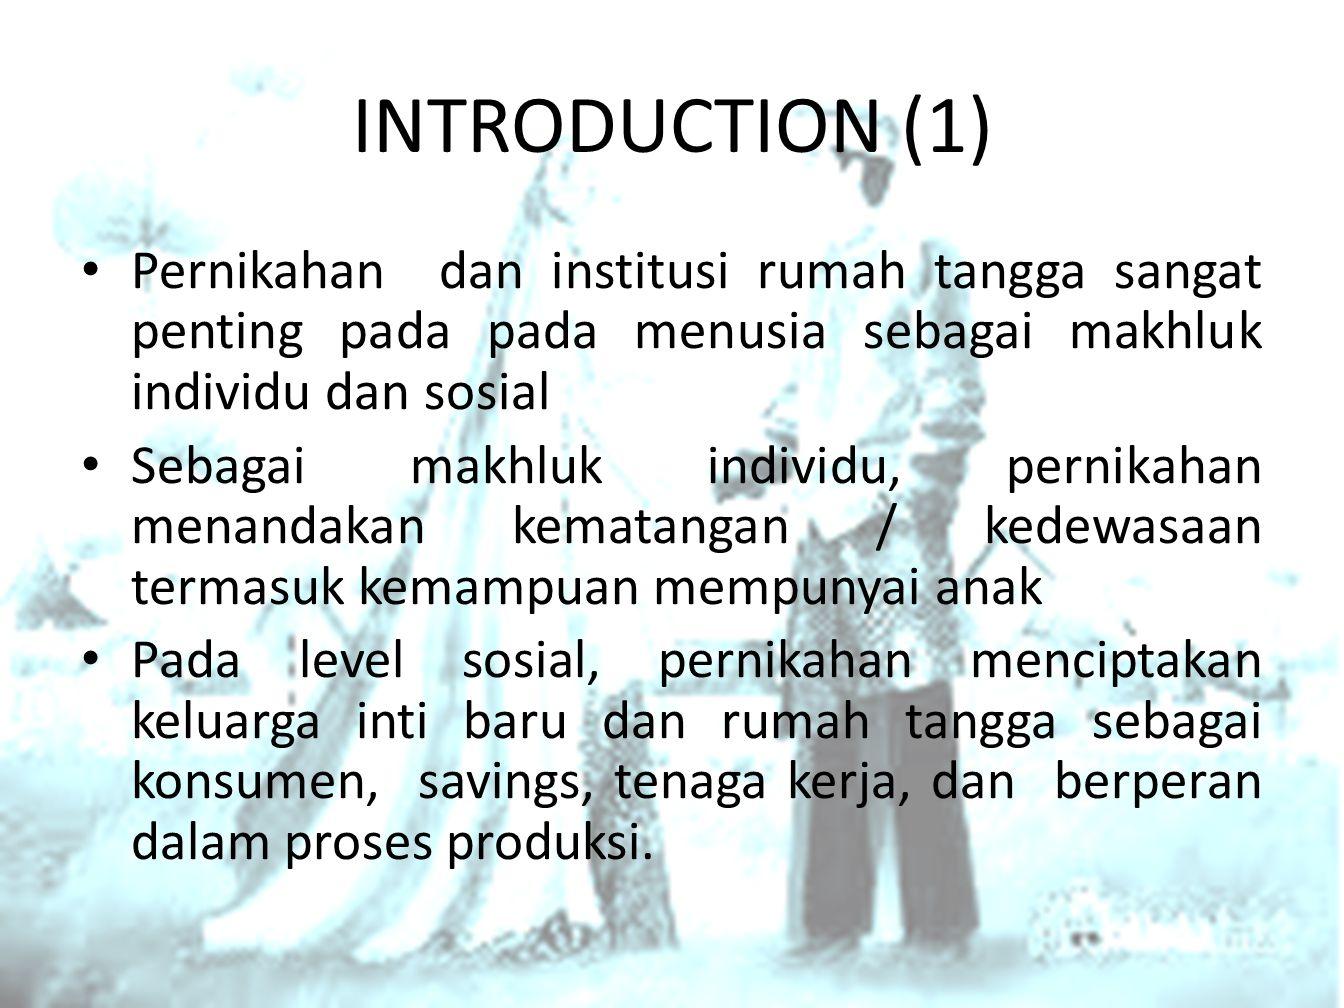 INTRODUCTION (1) Pernikahan dan institusi rumah tangga sangat penting pada pada menusia sebagai makhluk individu dan sosial.